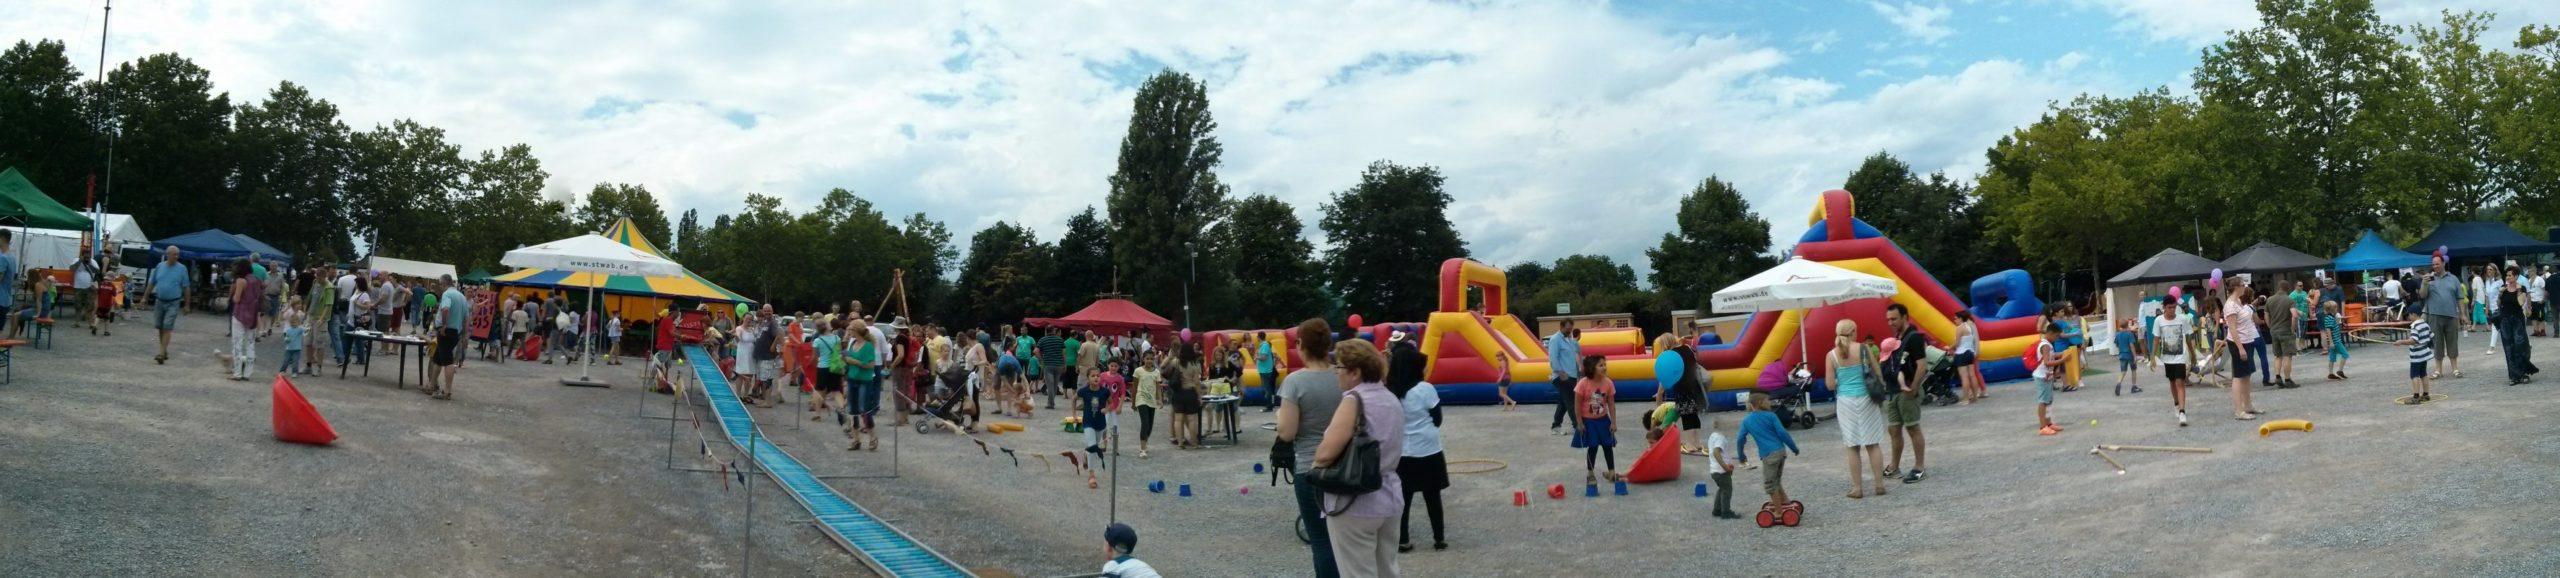 Kinderbereich auf dem Festival Brüderschaft der Völker